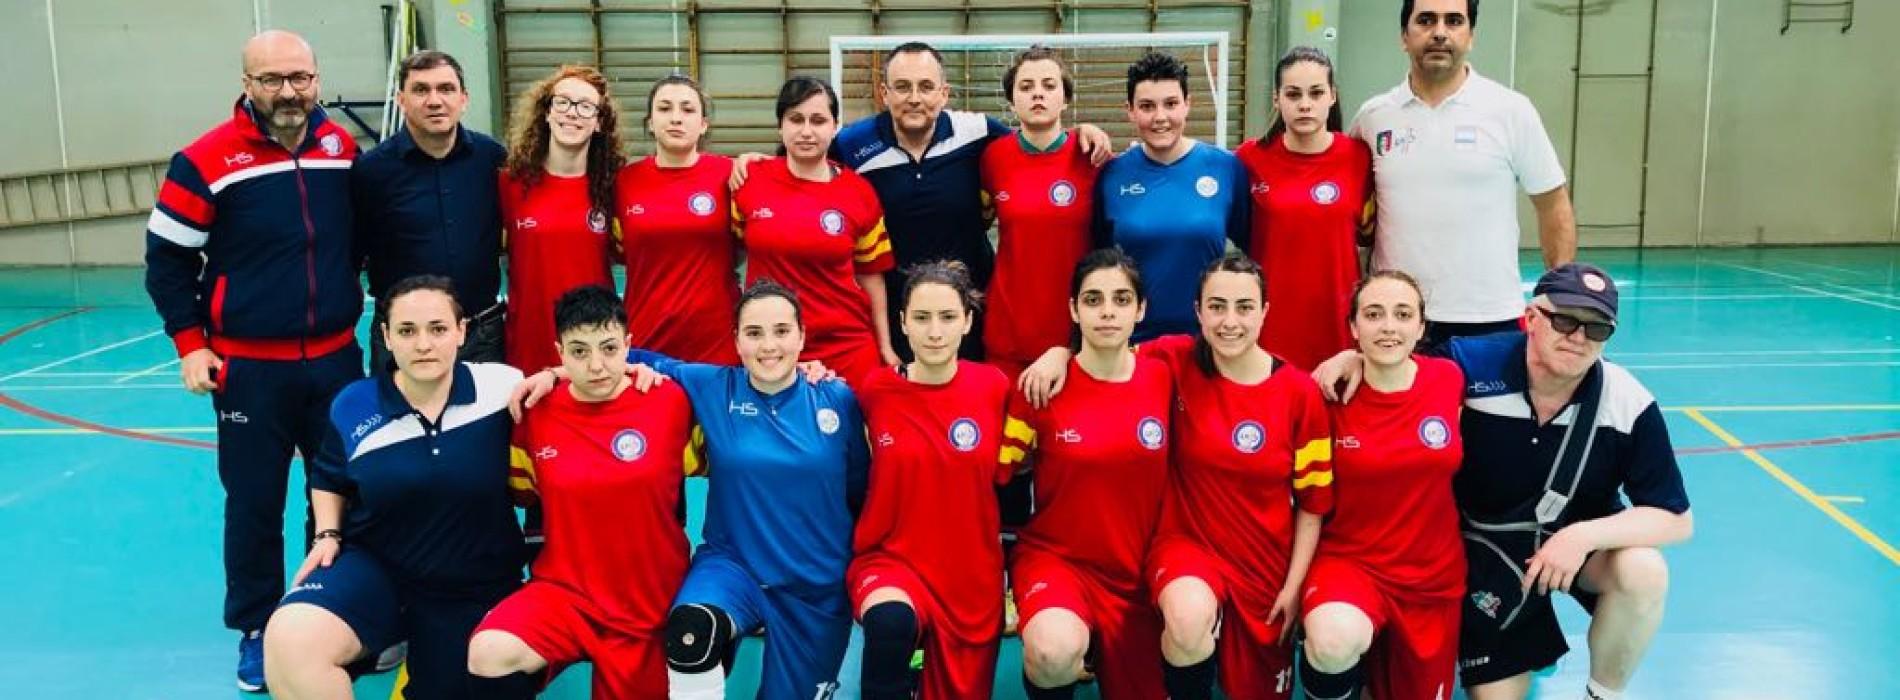 TdR C5: giornata di riposo per la Rapp.va Femminile aspettando i quarti di finale con la Sardegna.